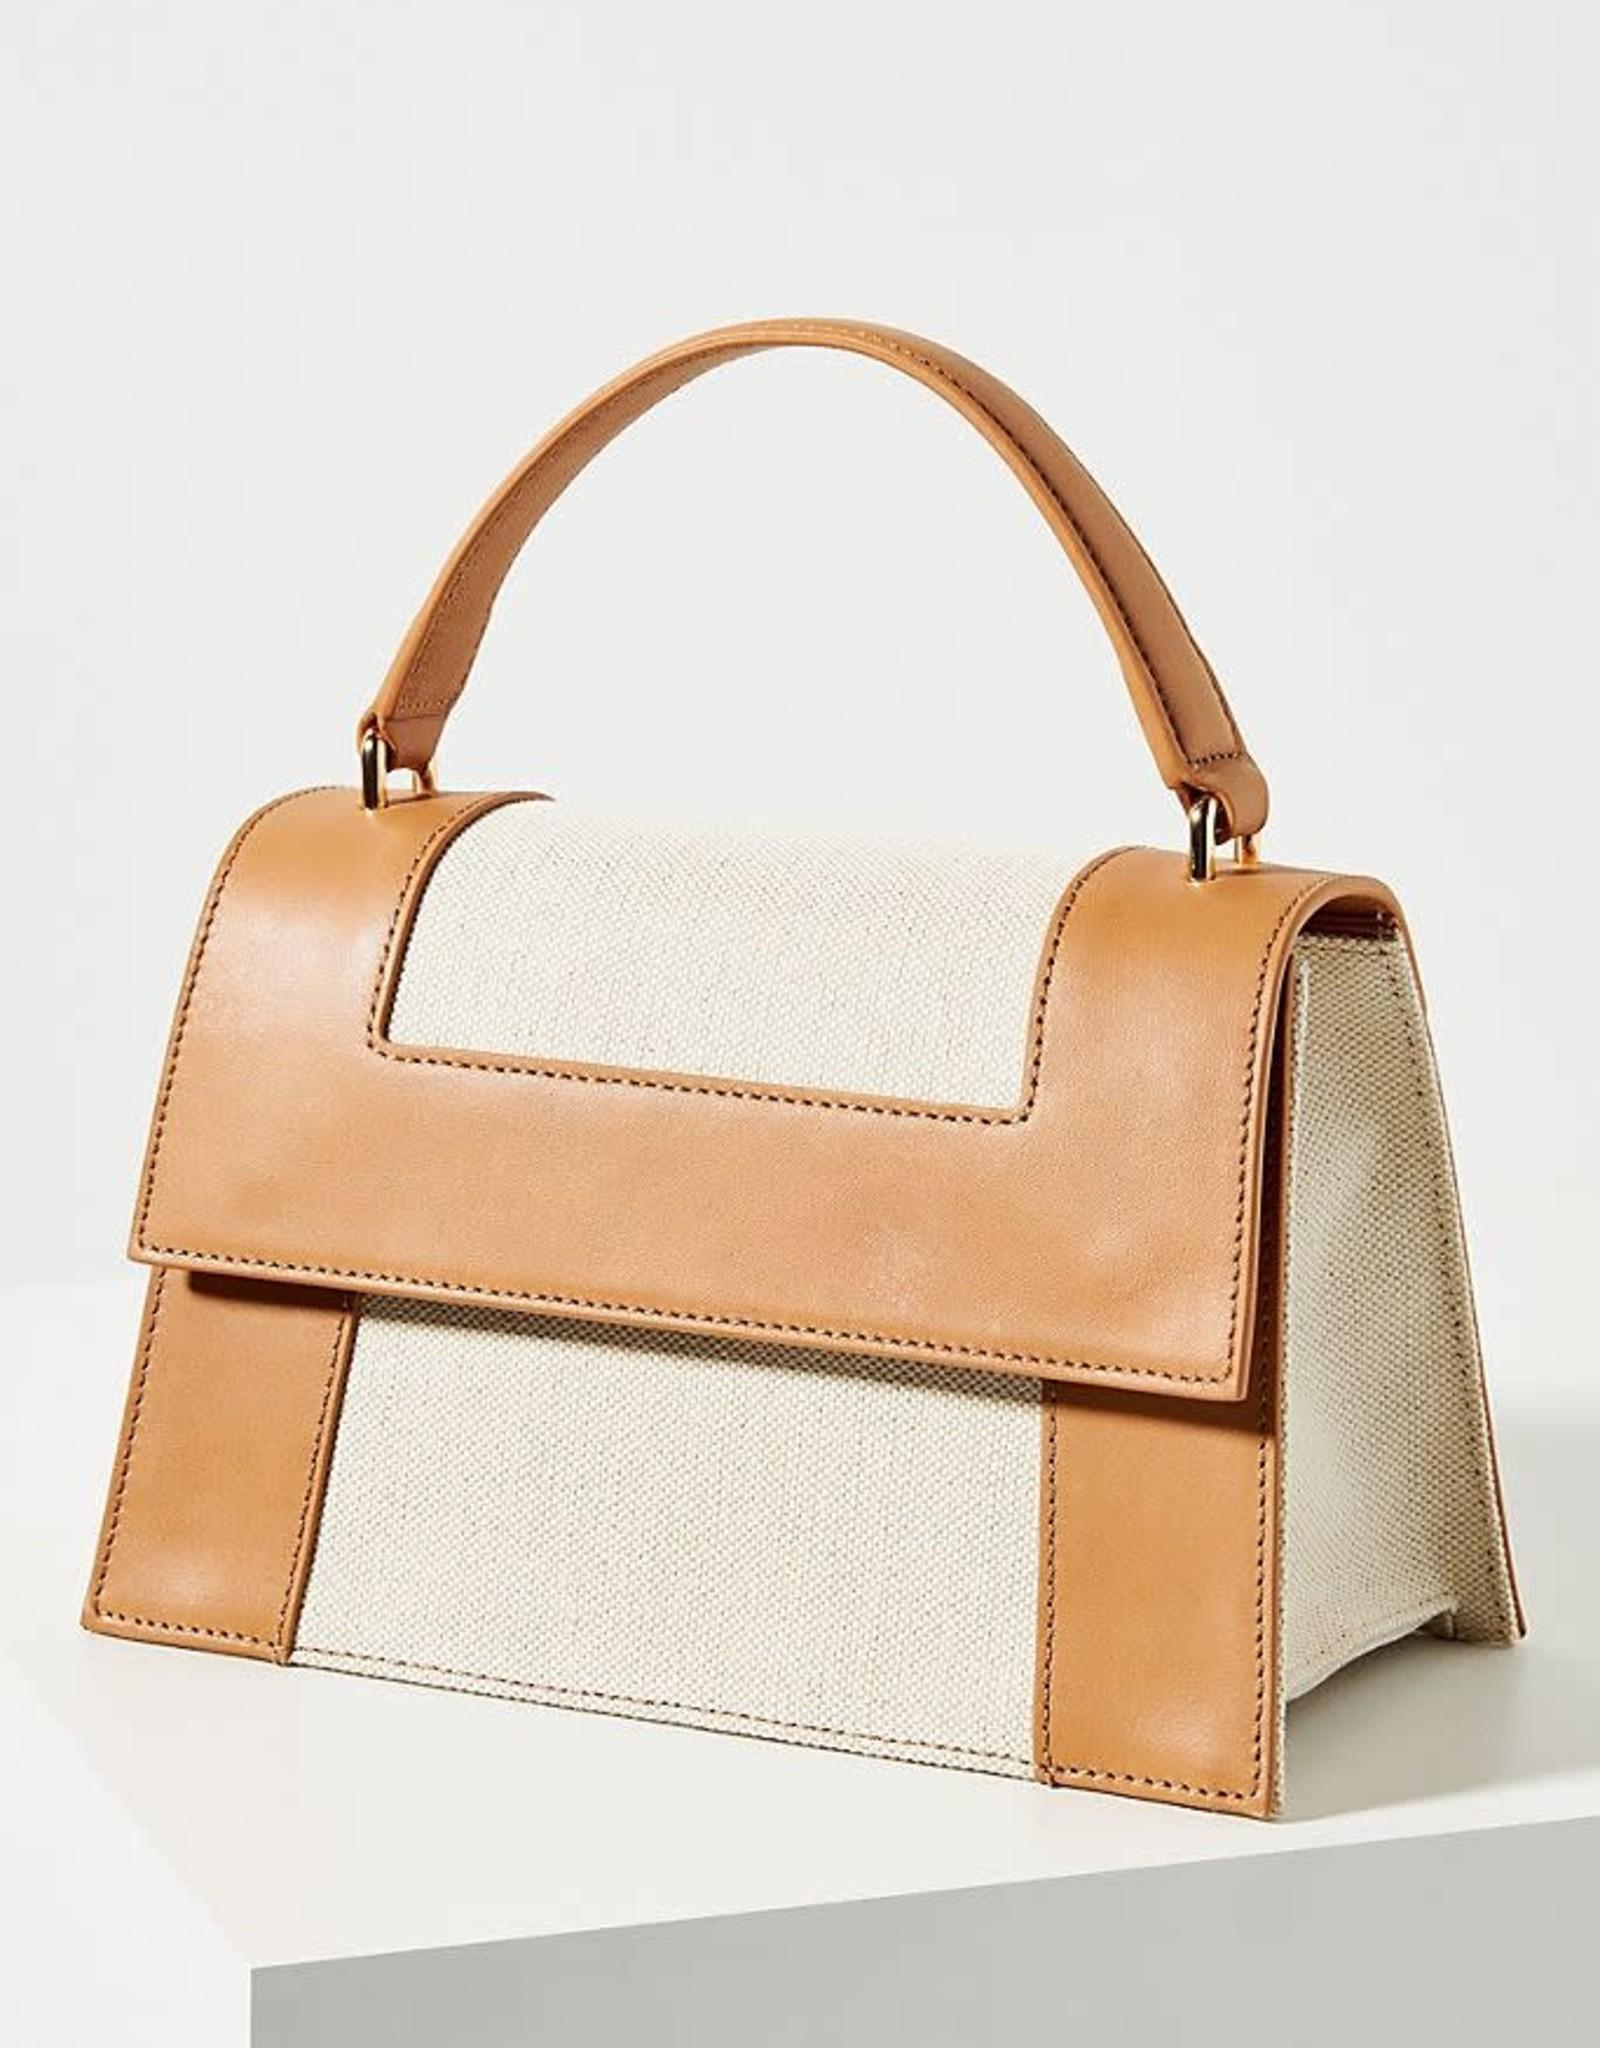 Neely & Chloe Graphic Frame Bag